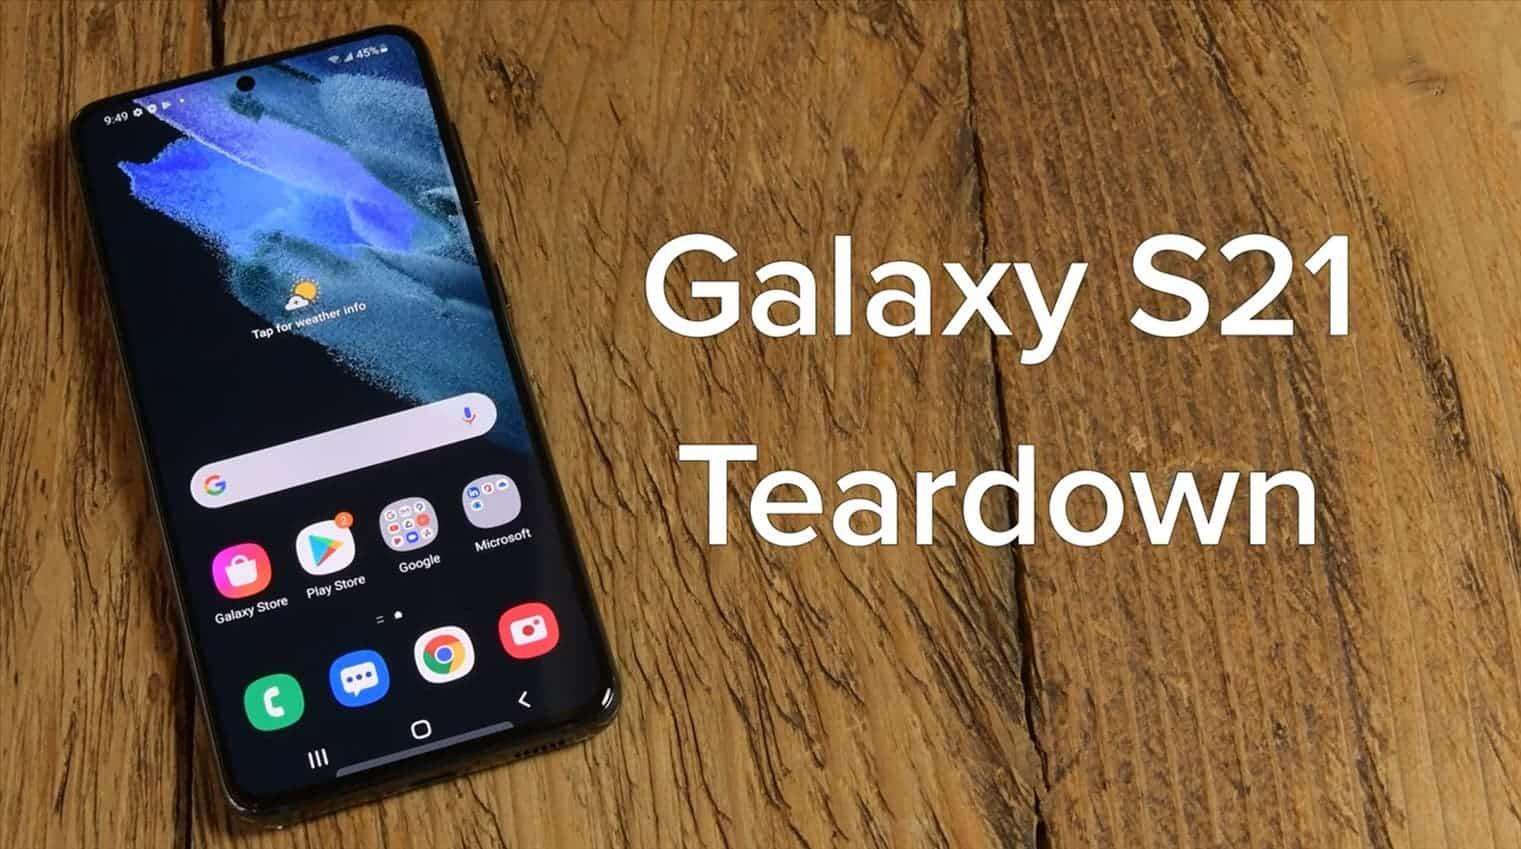 Galaxy S21 Teardown